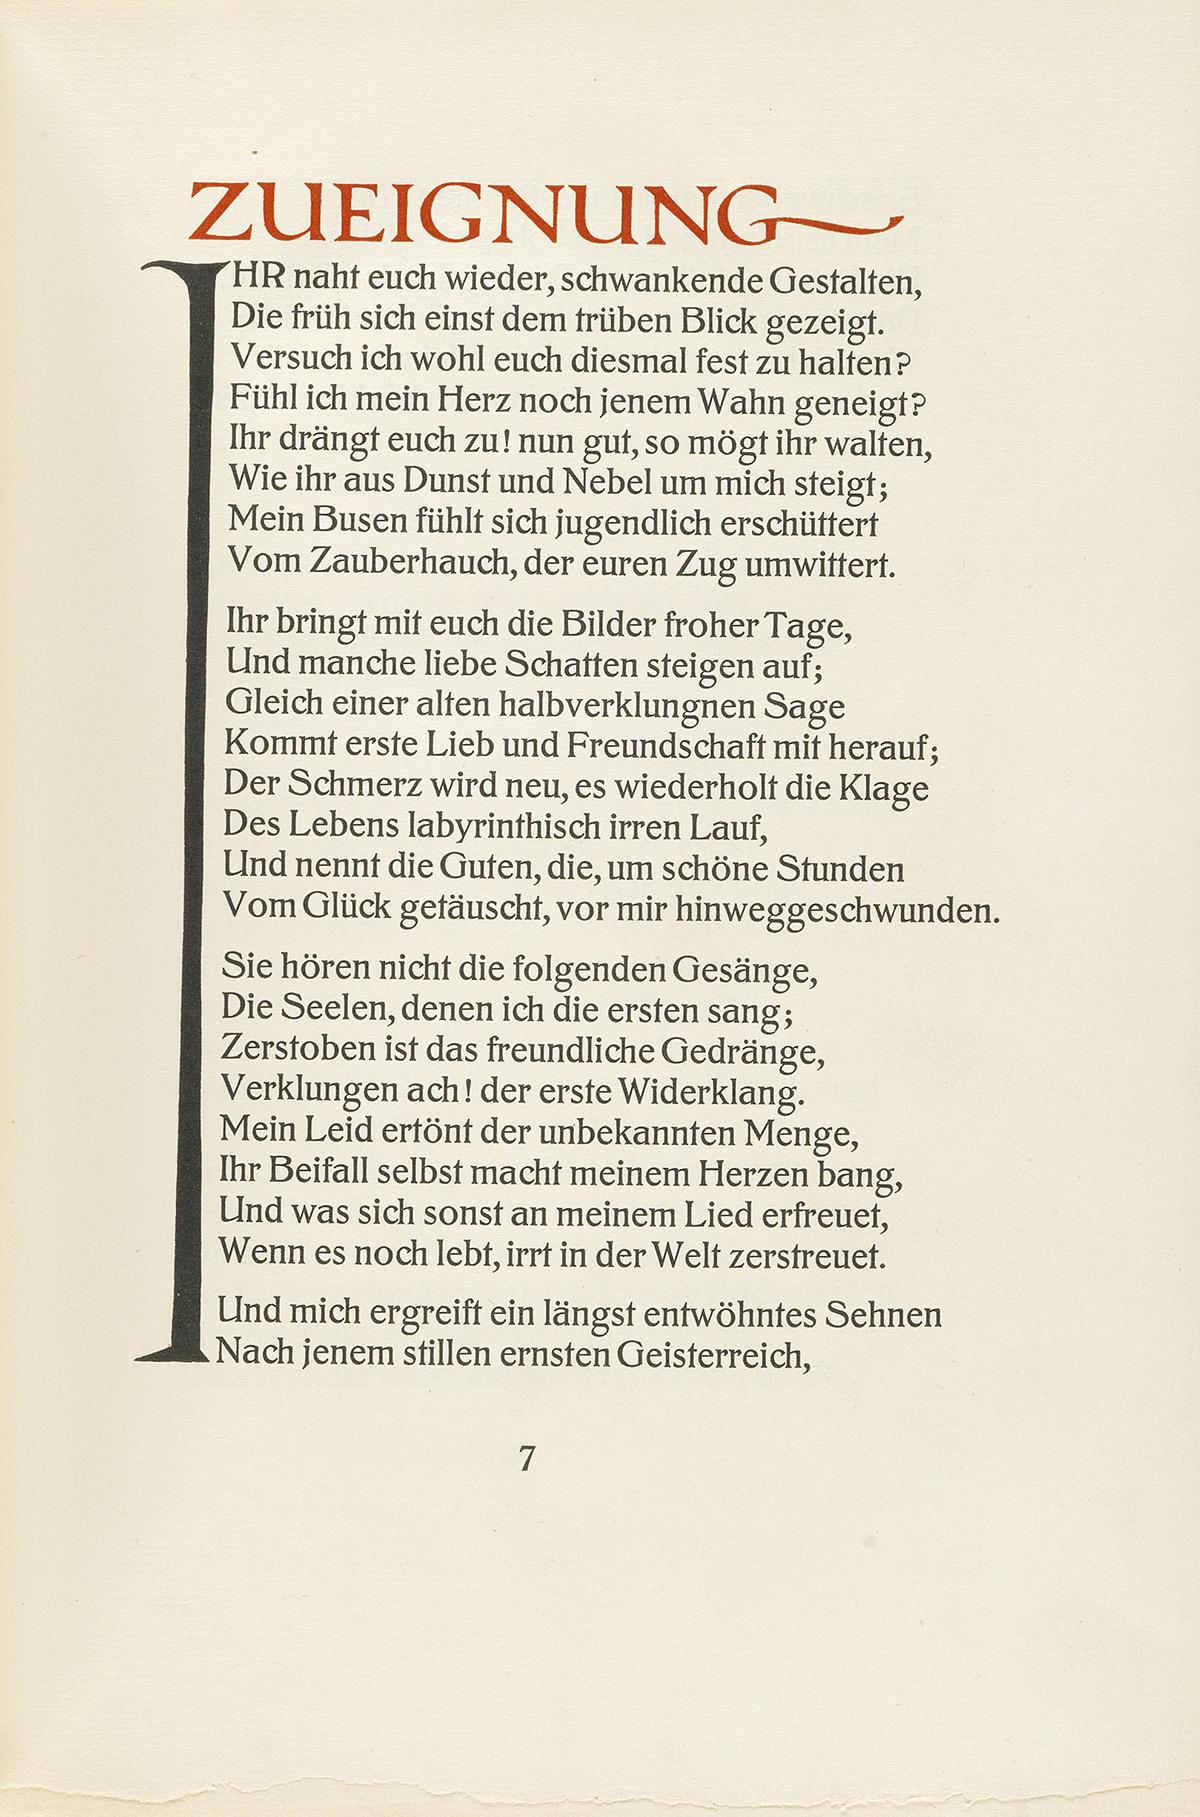 (ERNST-LUDWIG-PRESSE)-Goethe-Johann-Wolfgang-von-Faust-eine-